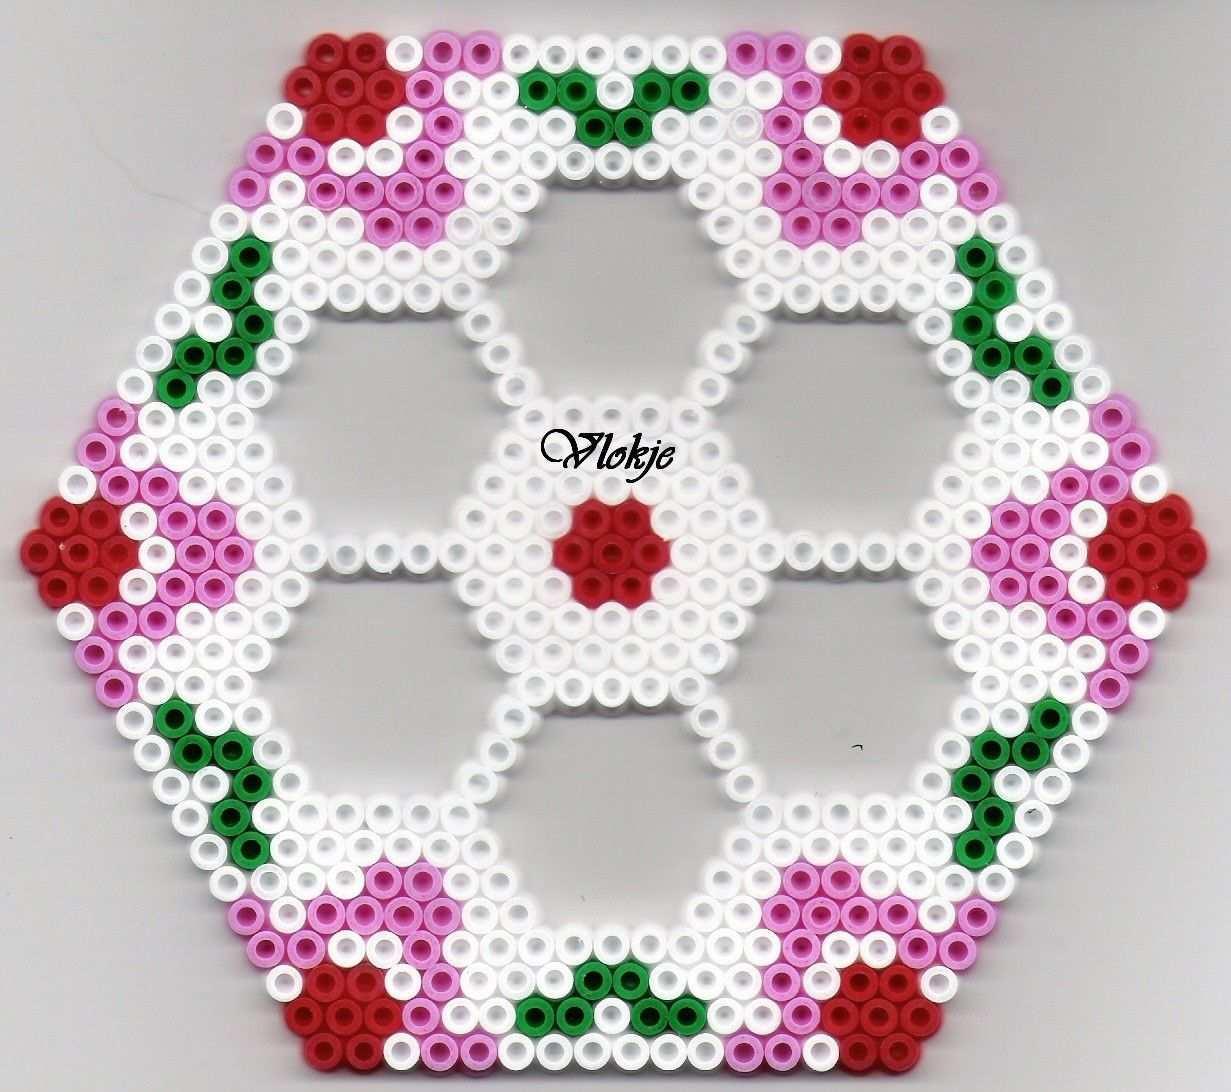 Sechseck Bugelperlen Hexa Perler Beads Diy Perler Beads Perler Crafts Perler Beads Designs